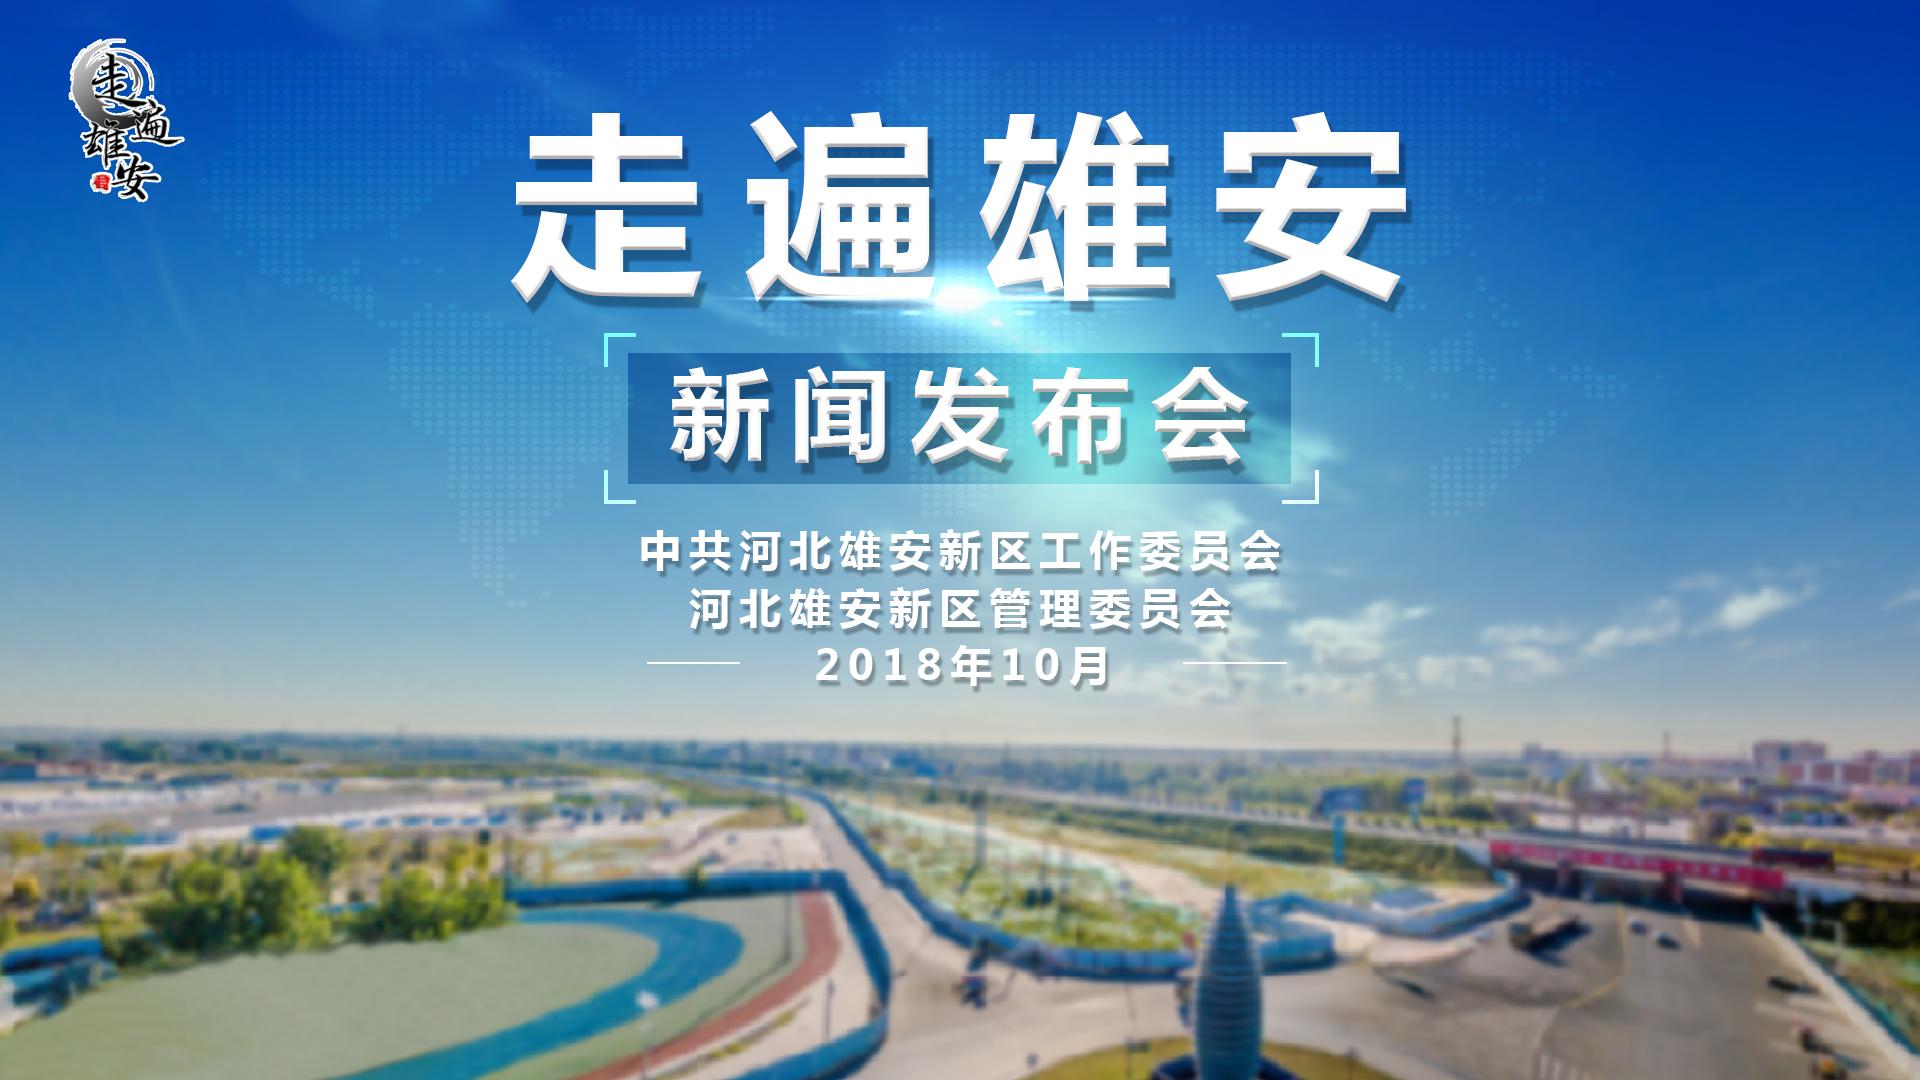 """【视频】雄安新区""""走遍雄安""""活动新闻发布会召开"""